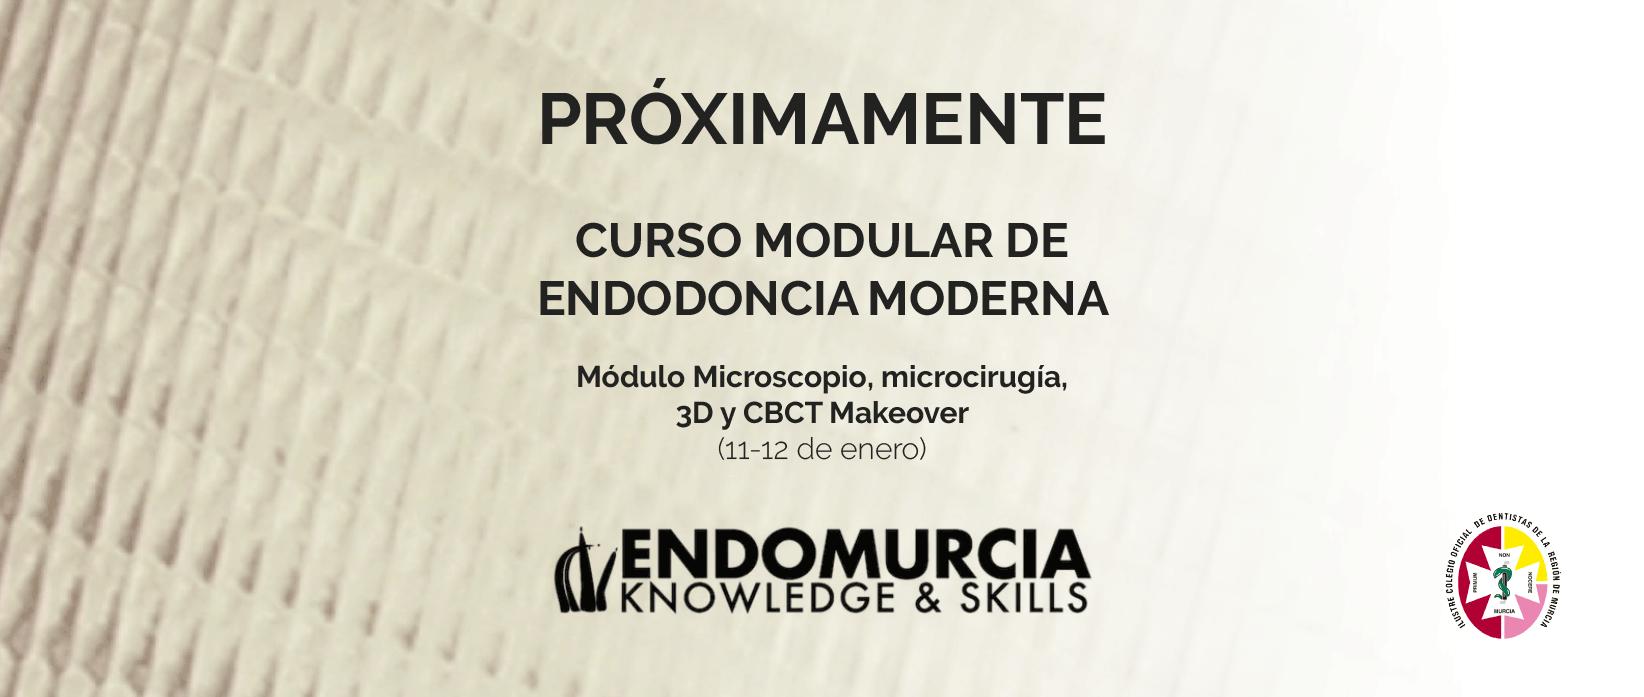 Curso modular de endodoncia moderna de EndoMurcia